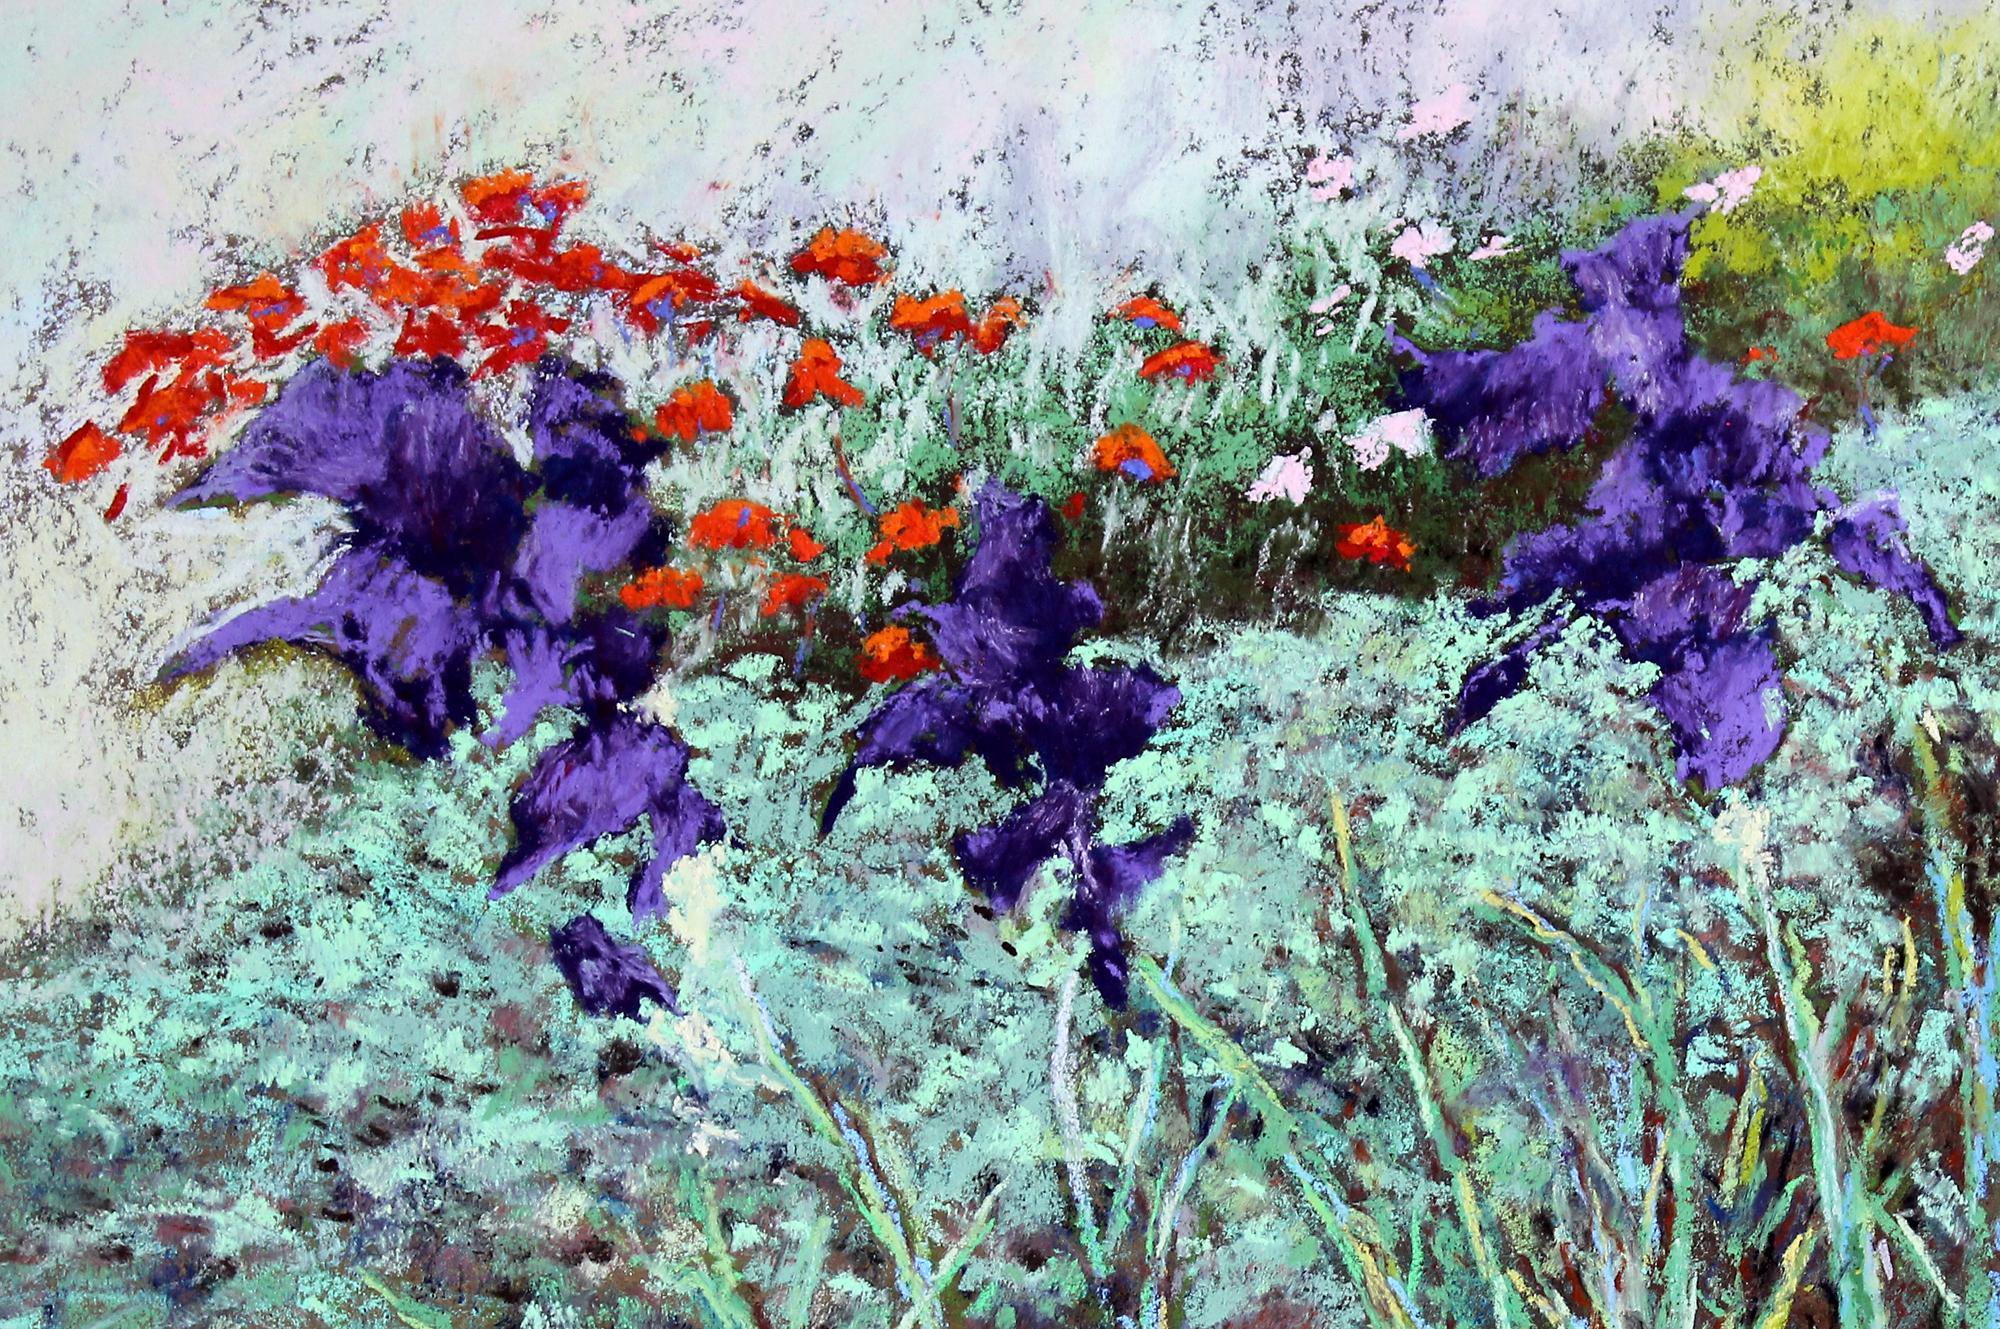 Nimmon, Terry - Irises with Poppies